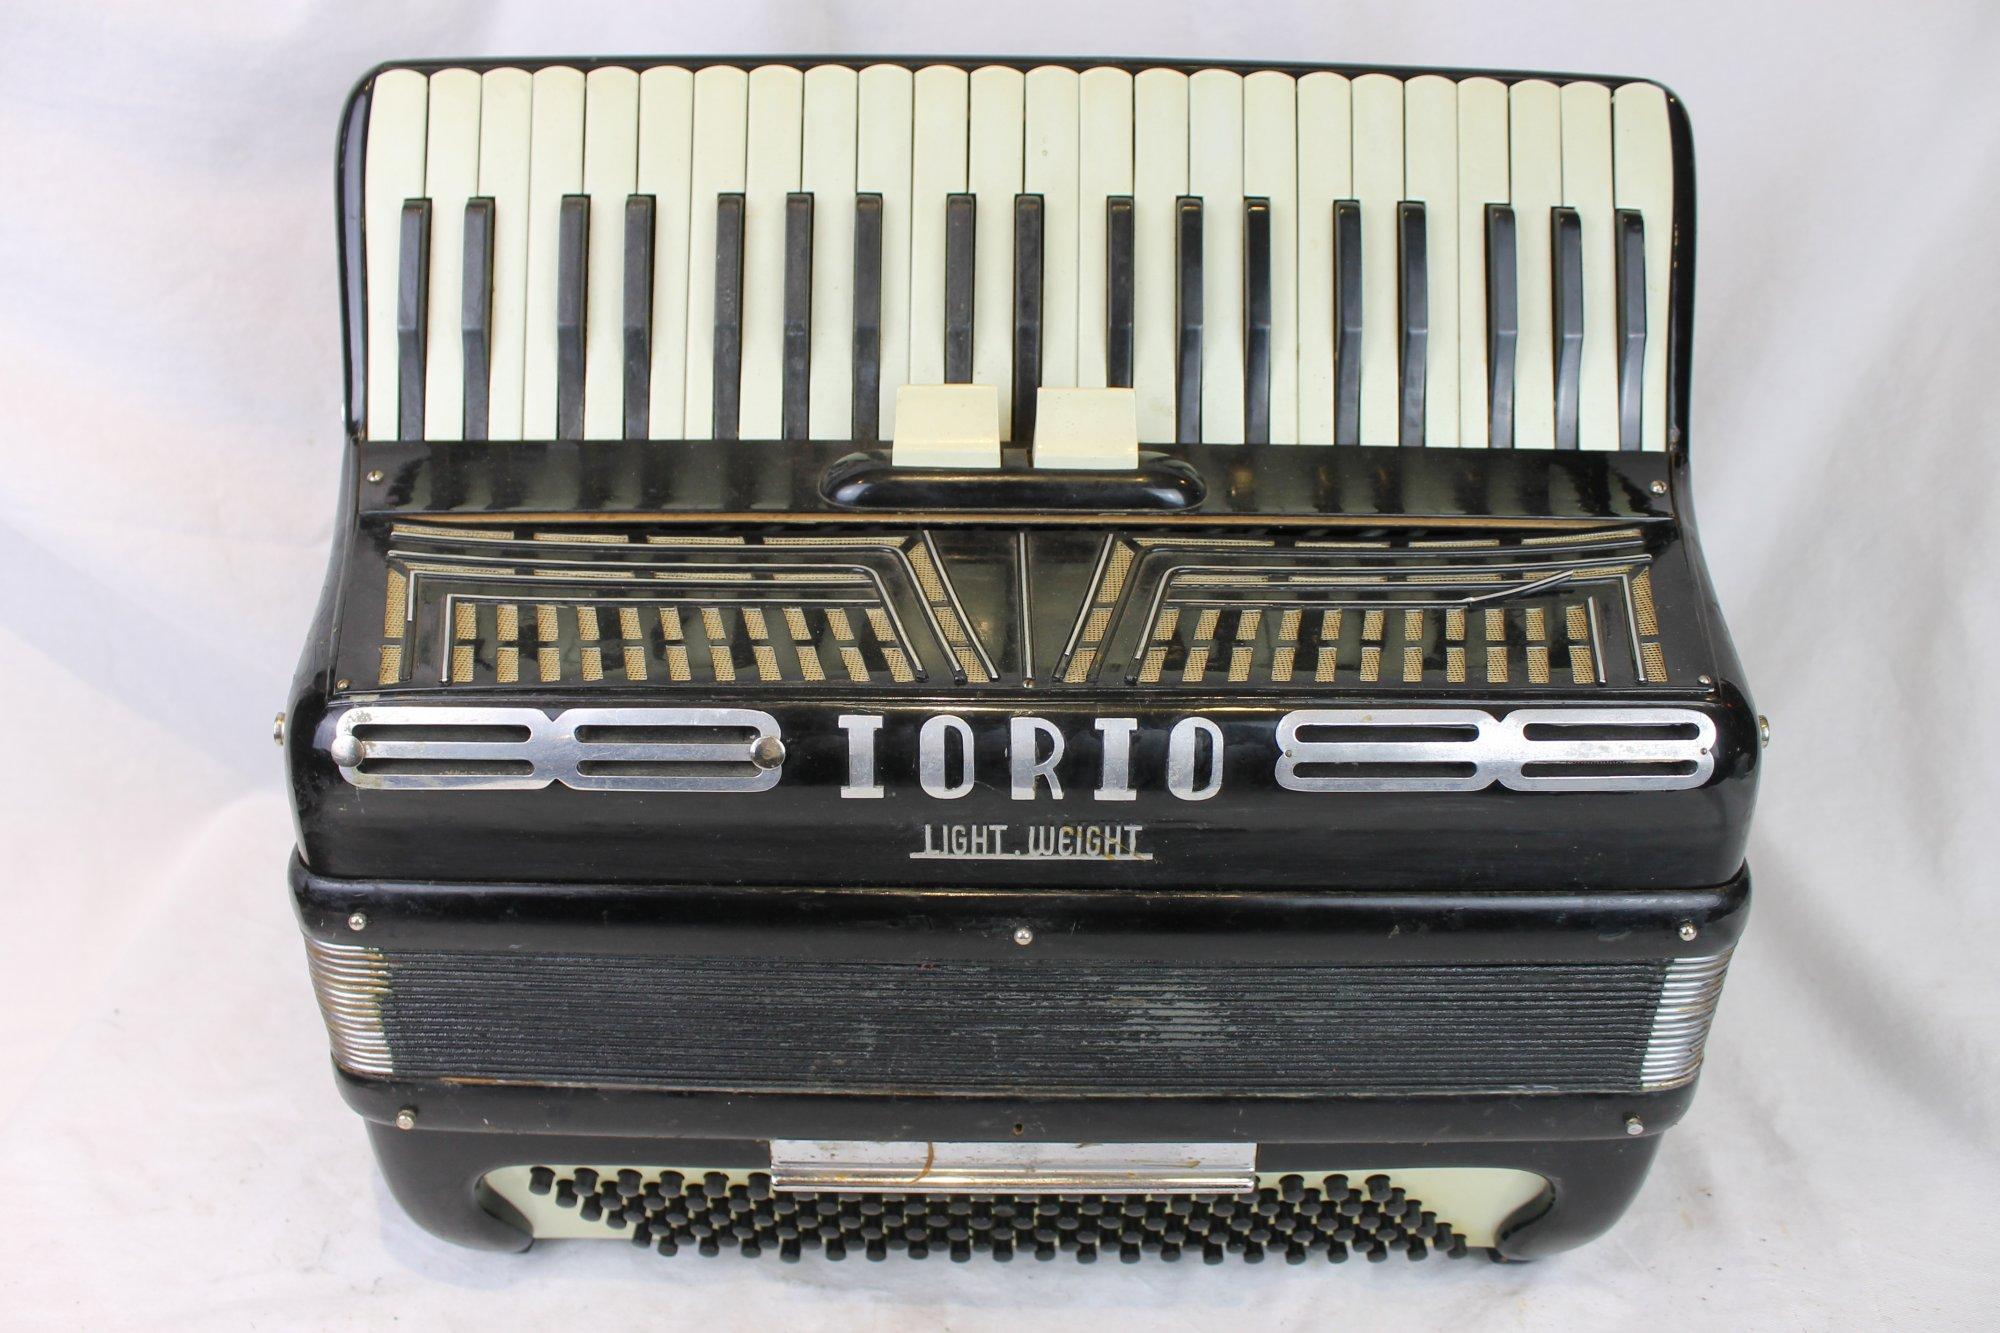 6131 - Black Iorio Lightweight Piano Accordion LMM 41 120 - For Parts or Repair